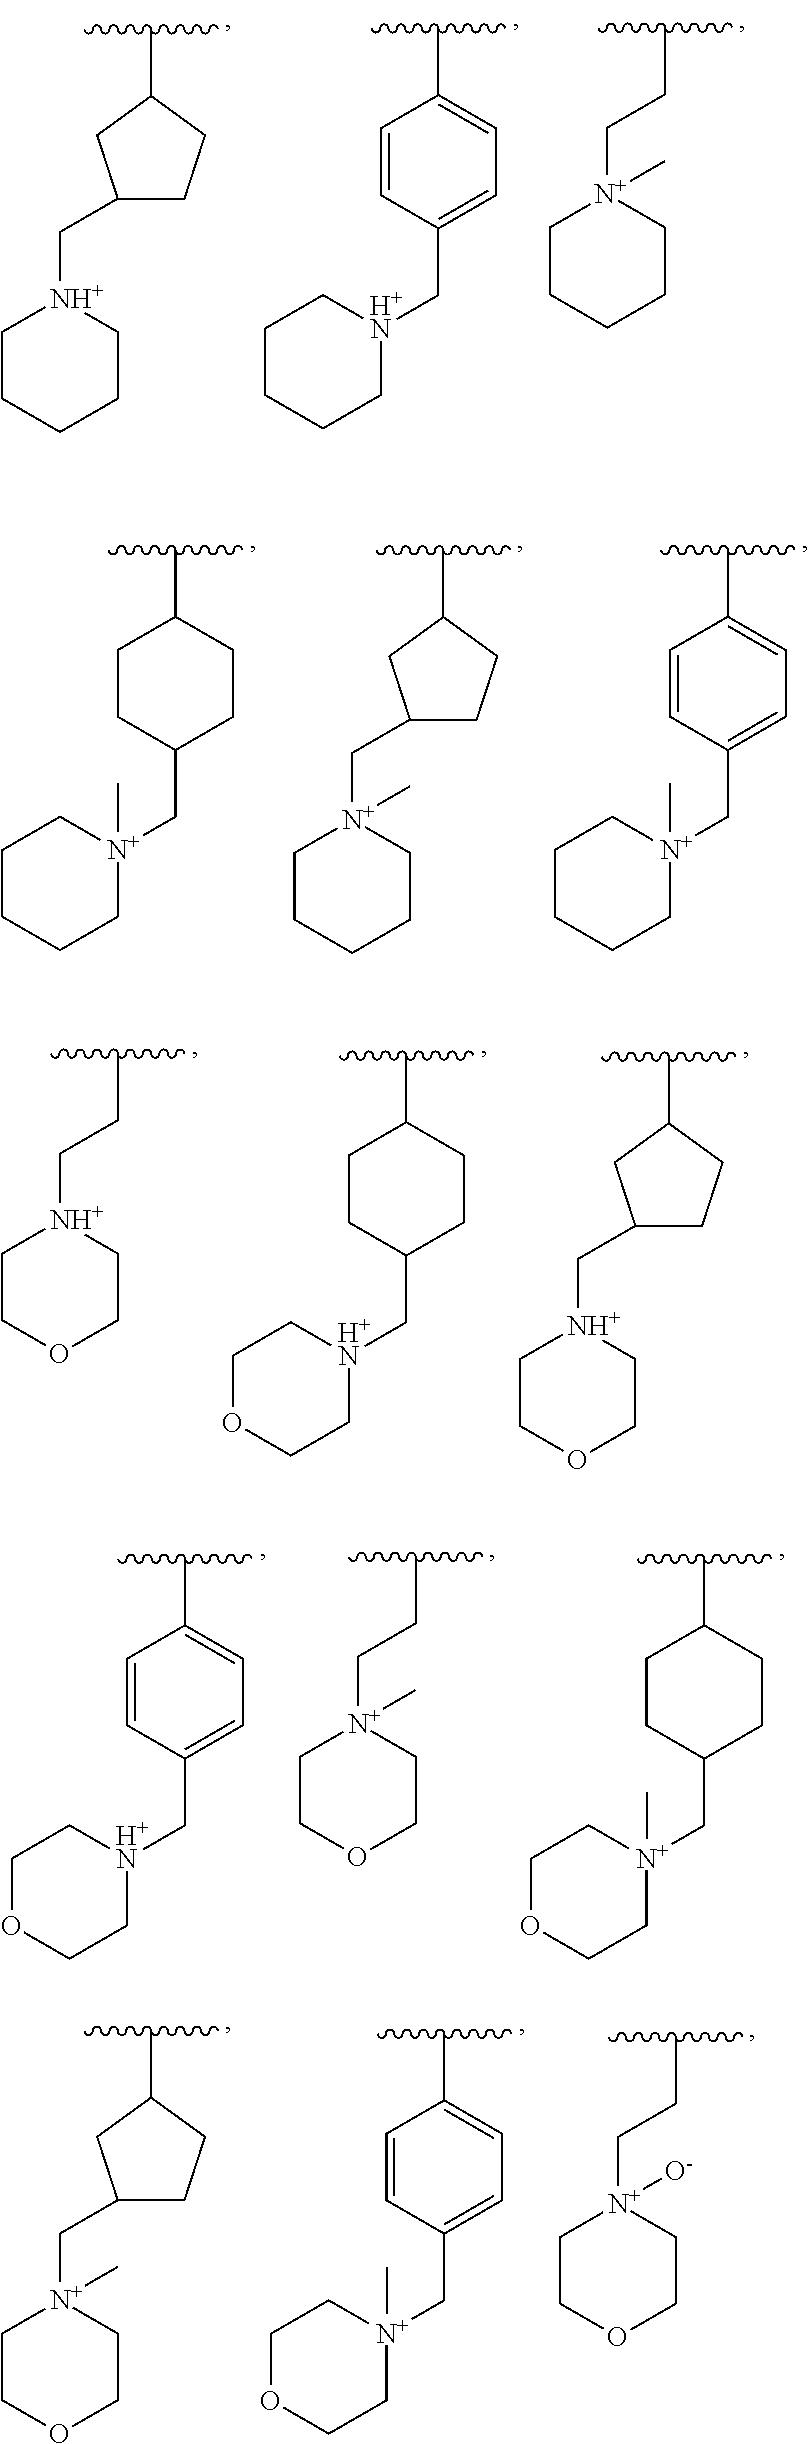 Figure US08476388-20130702-C00022